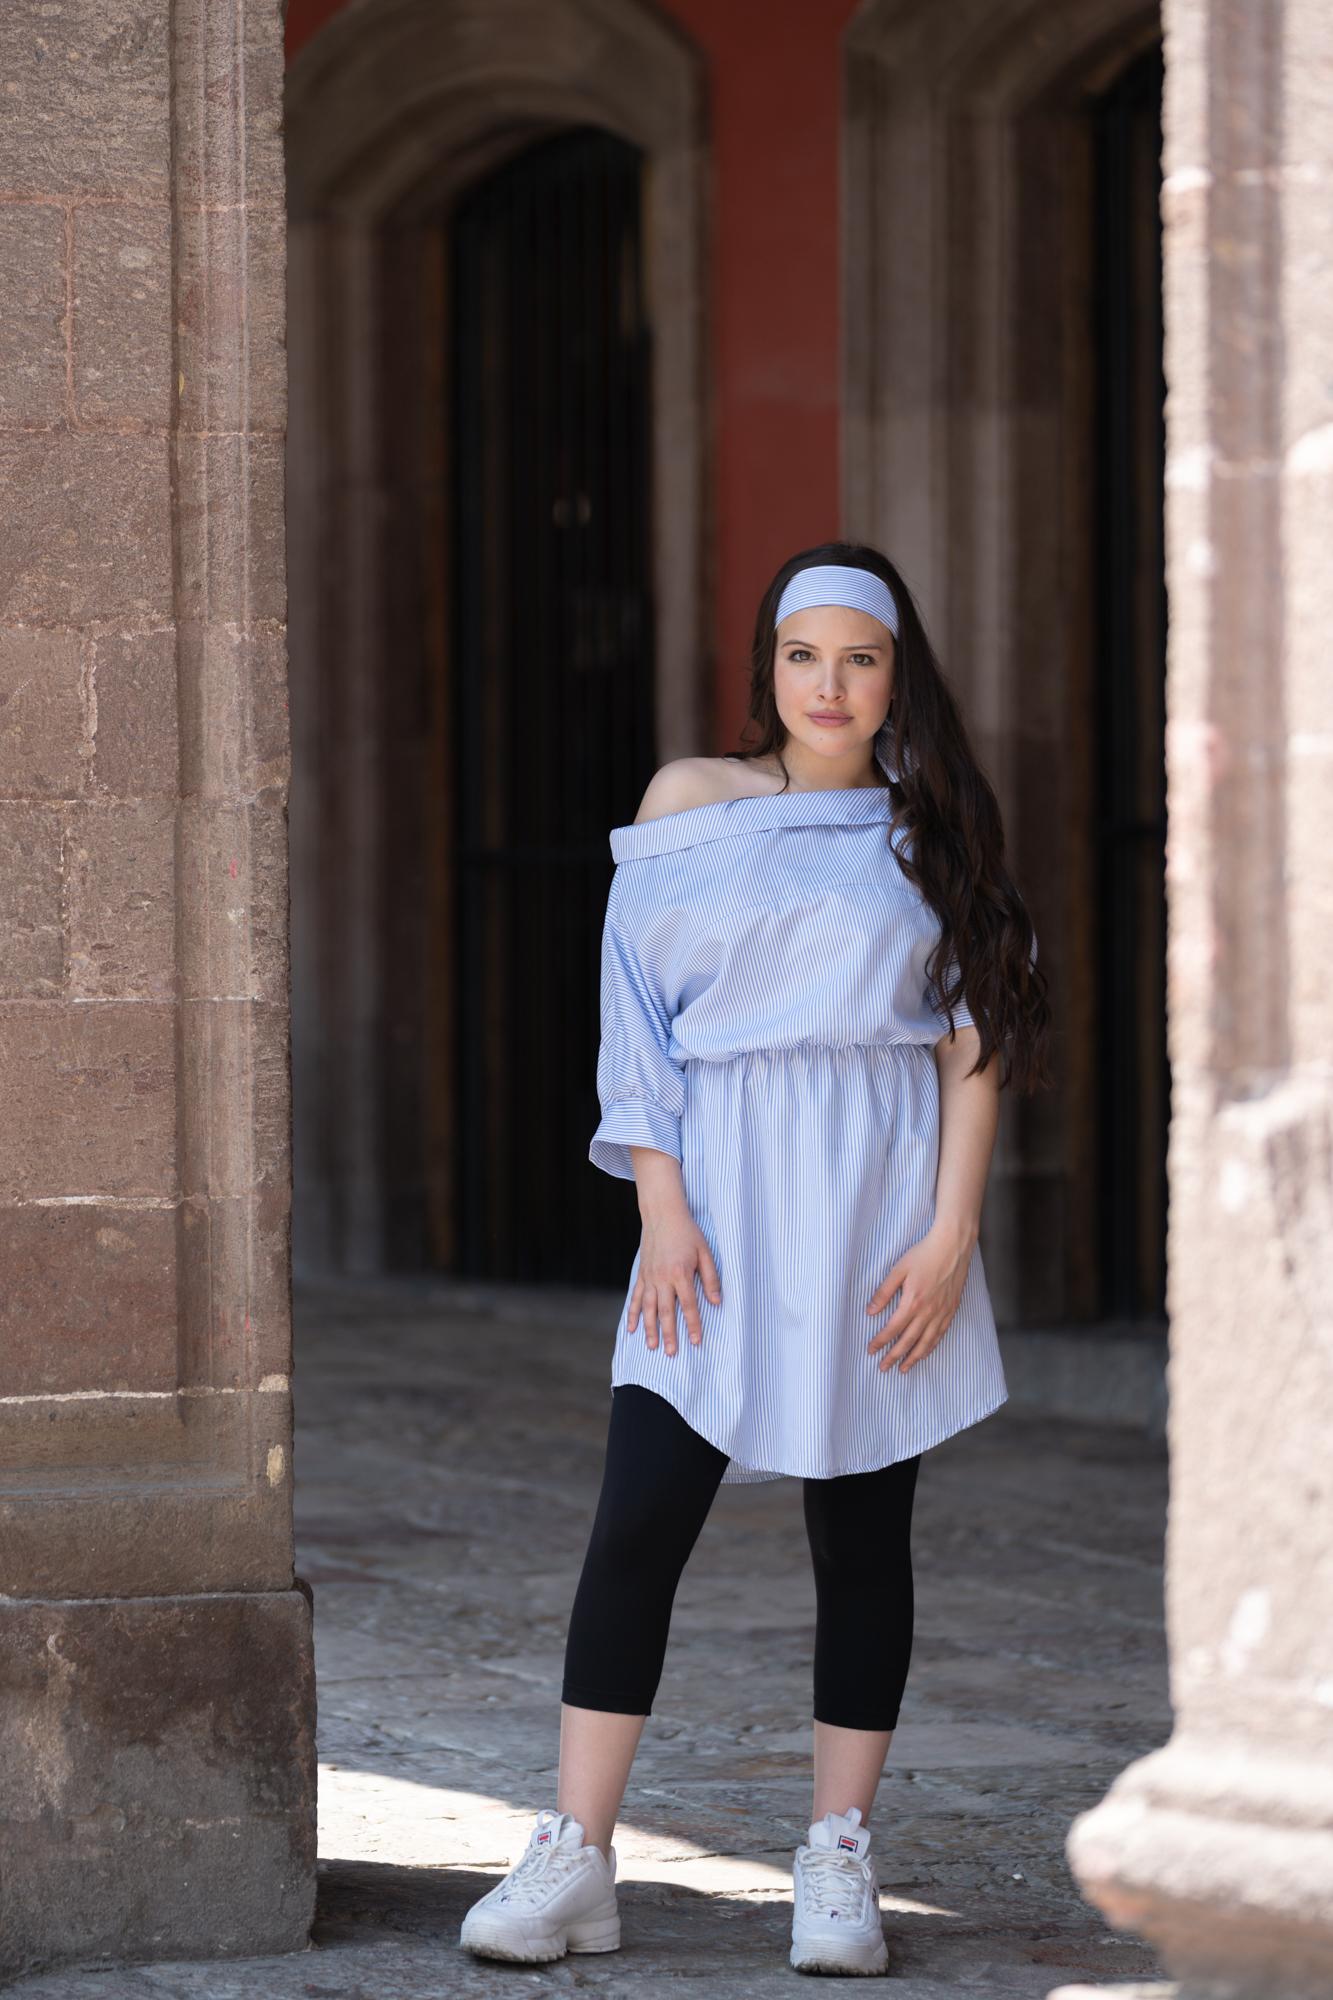 Sesion de Fotos en San Miguel de Allende con Rogelio y su Fmailia-64.jpg